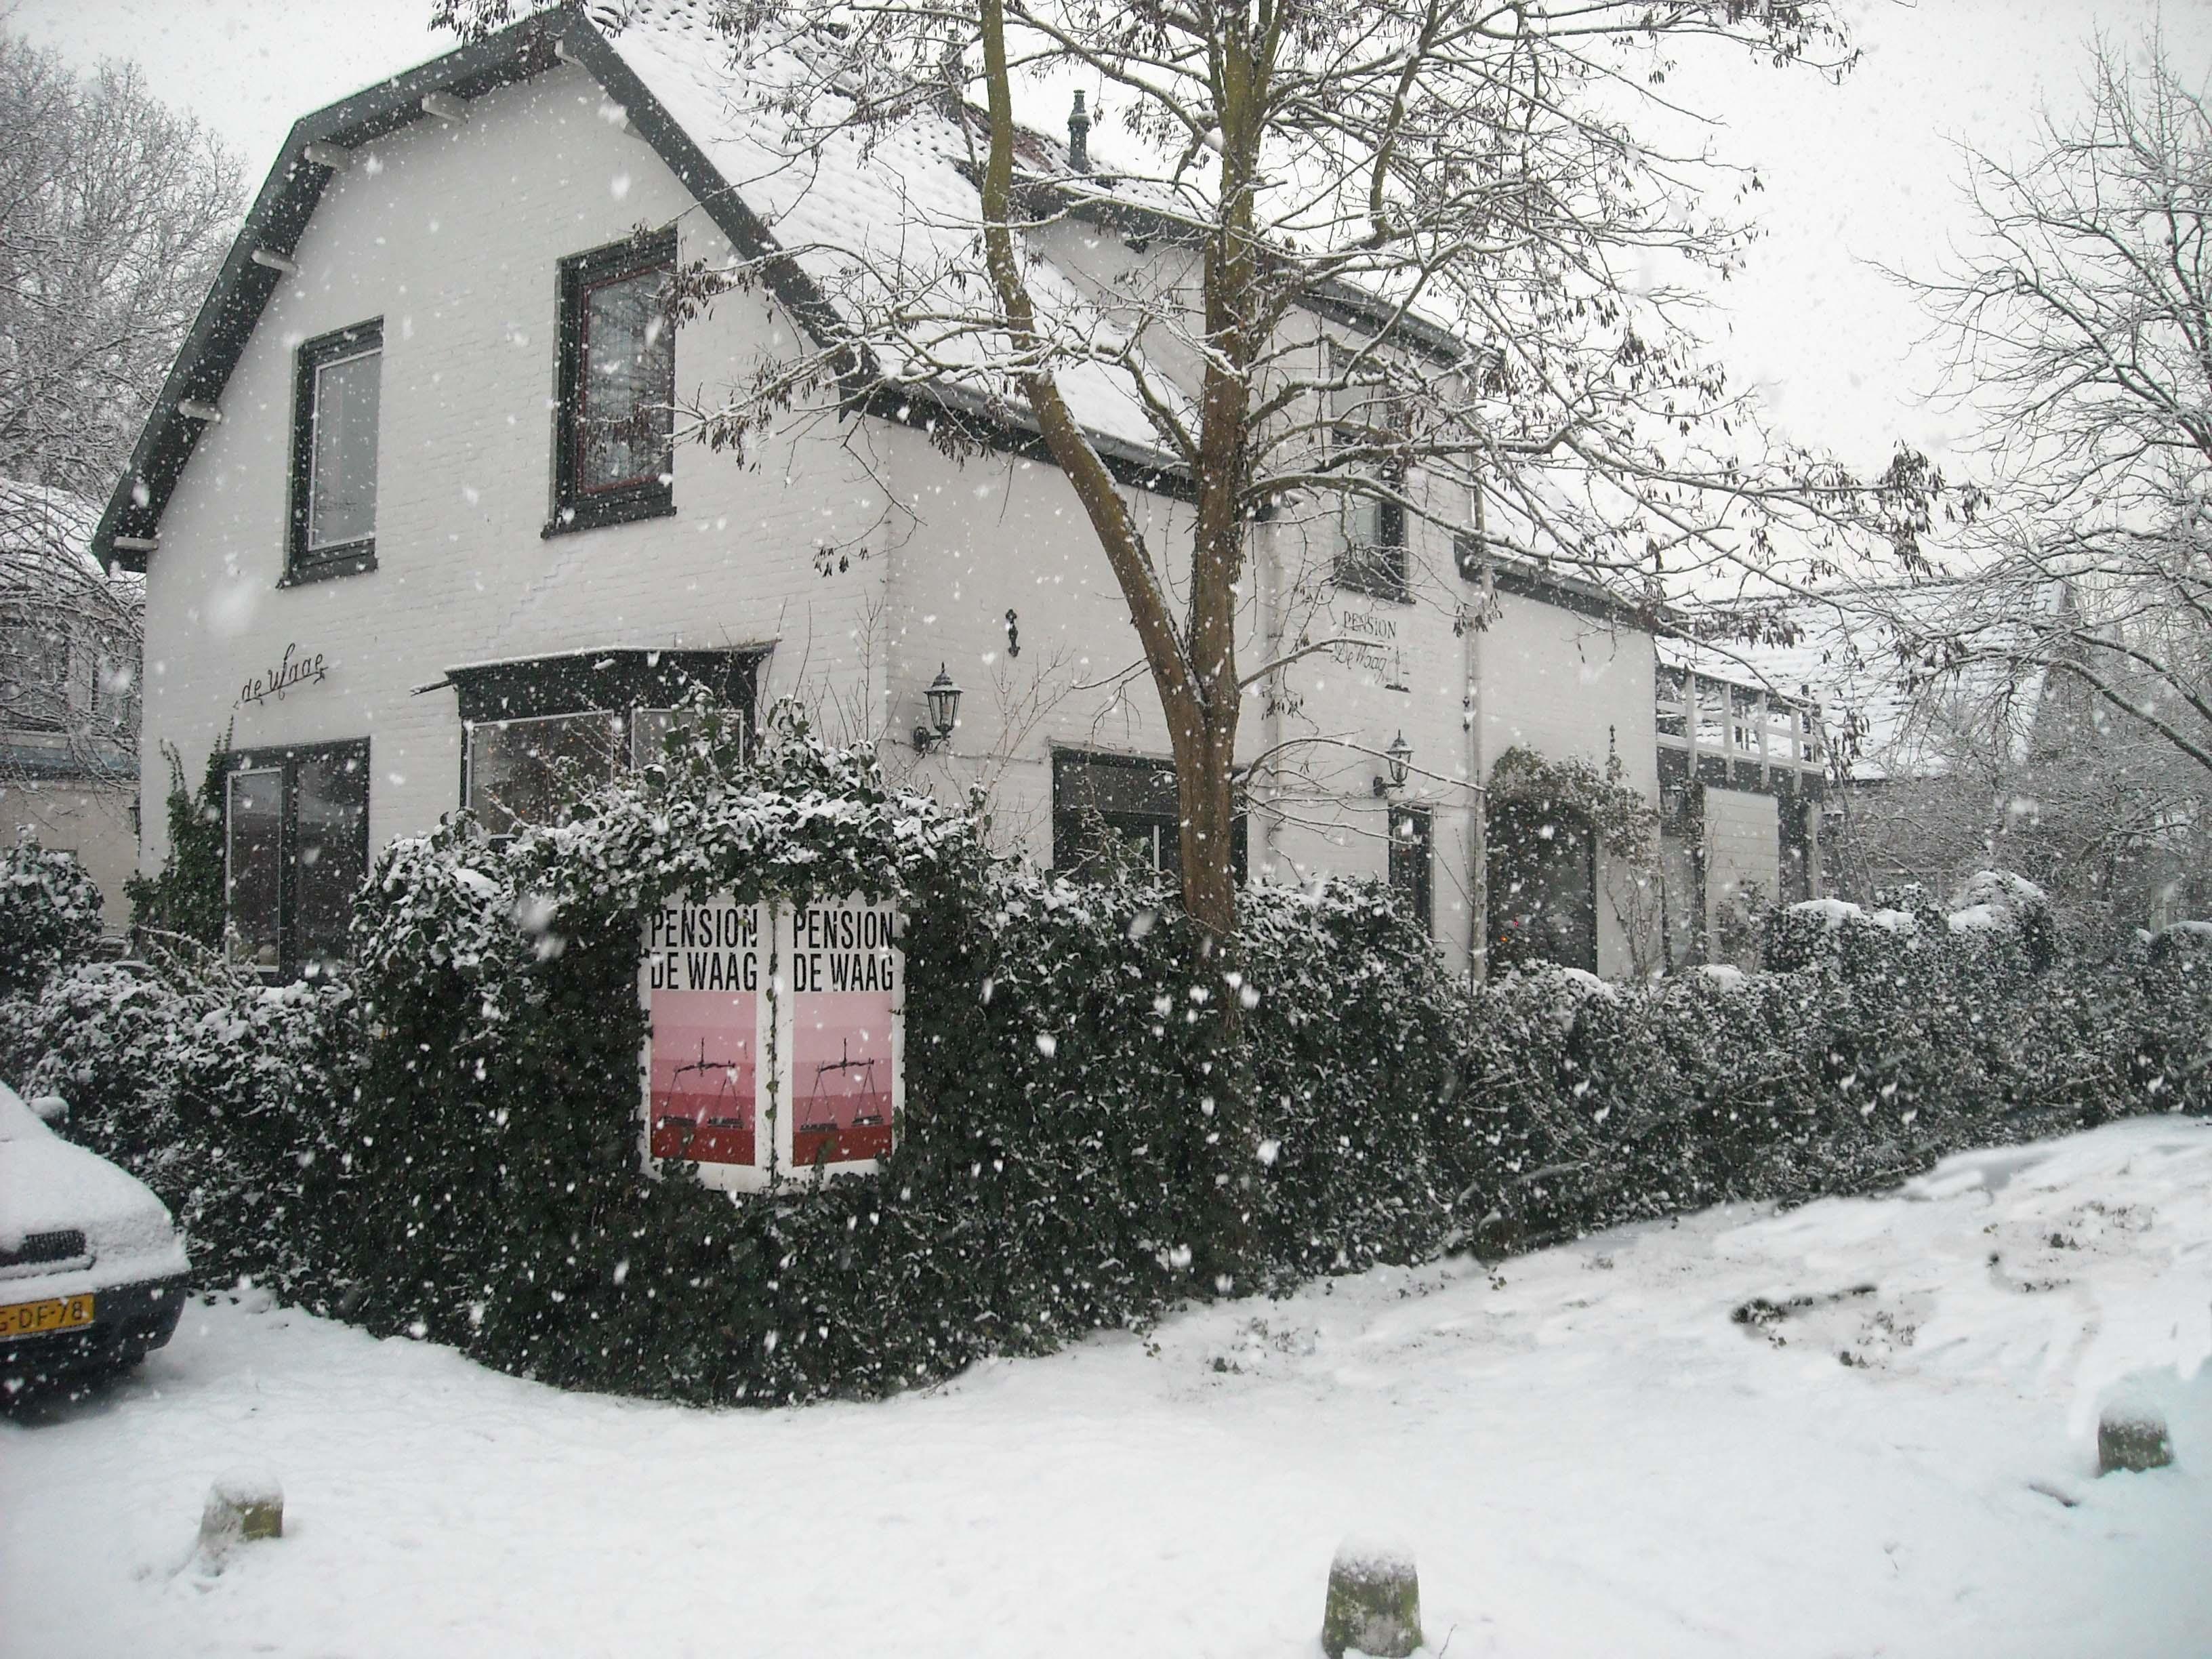 waag in de sneeuw